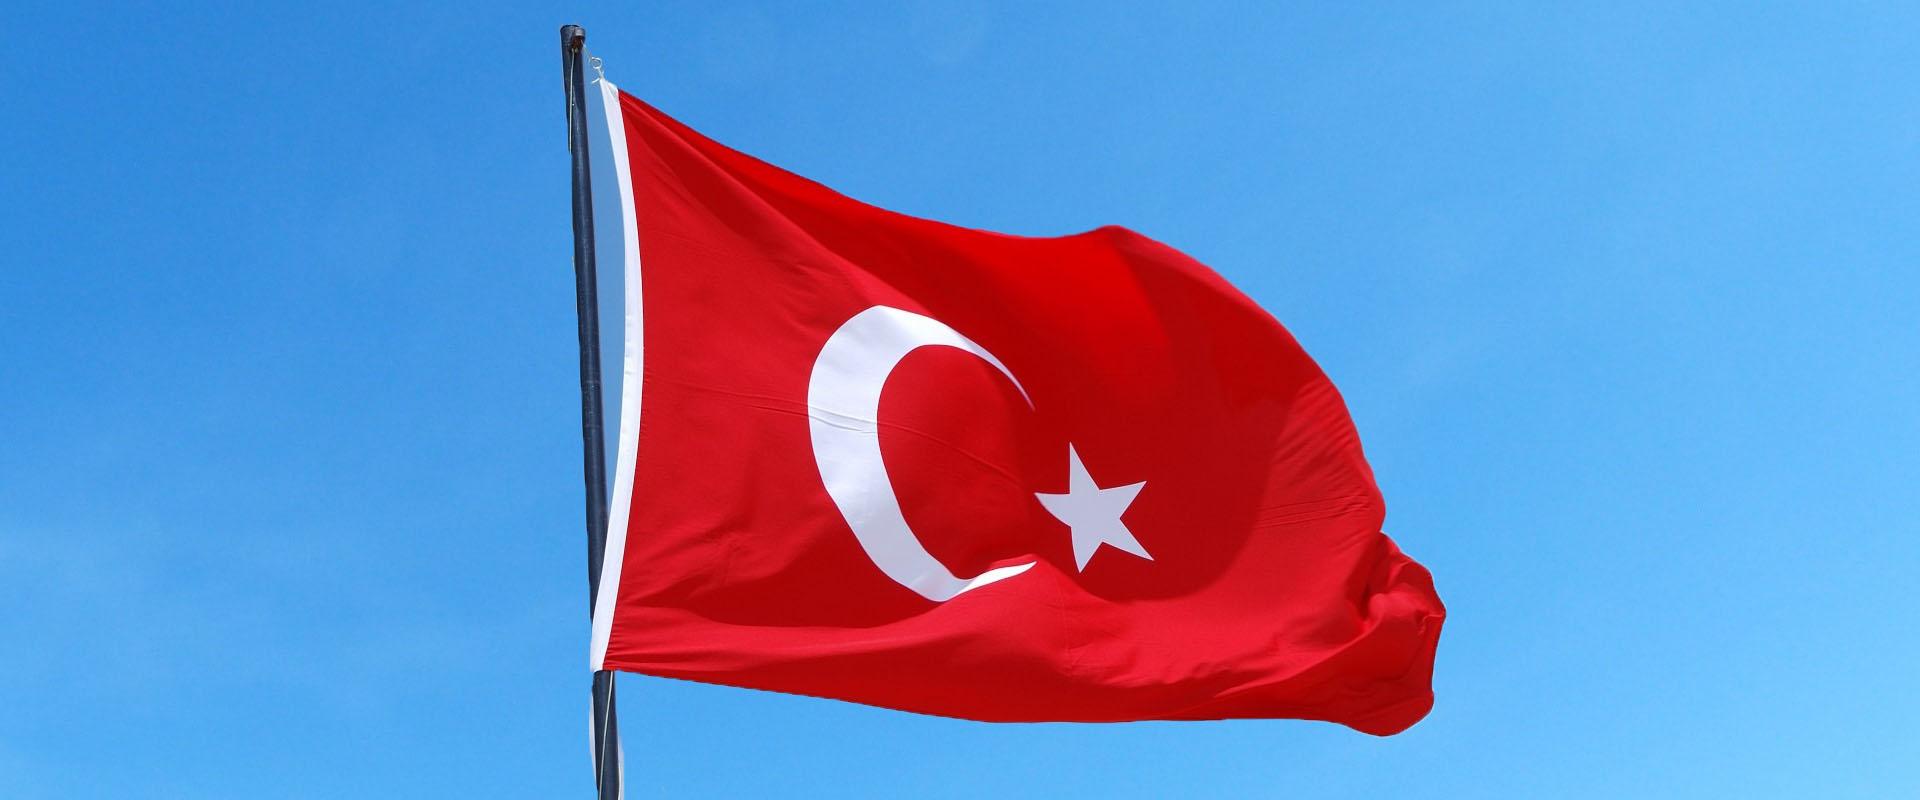 Turkin kielen käännöstyöt suomeksi yksityisille ja yrityksille